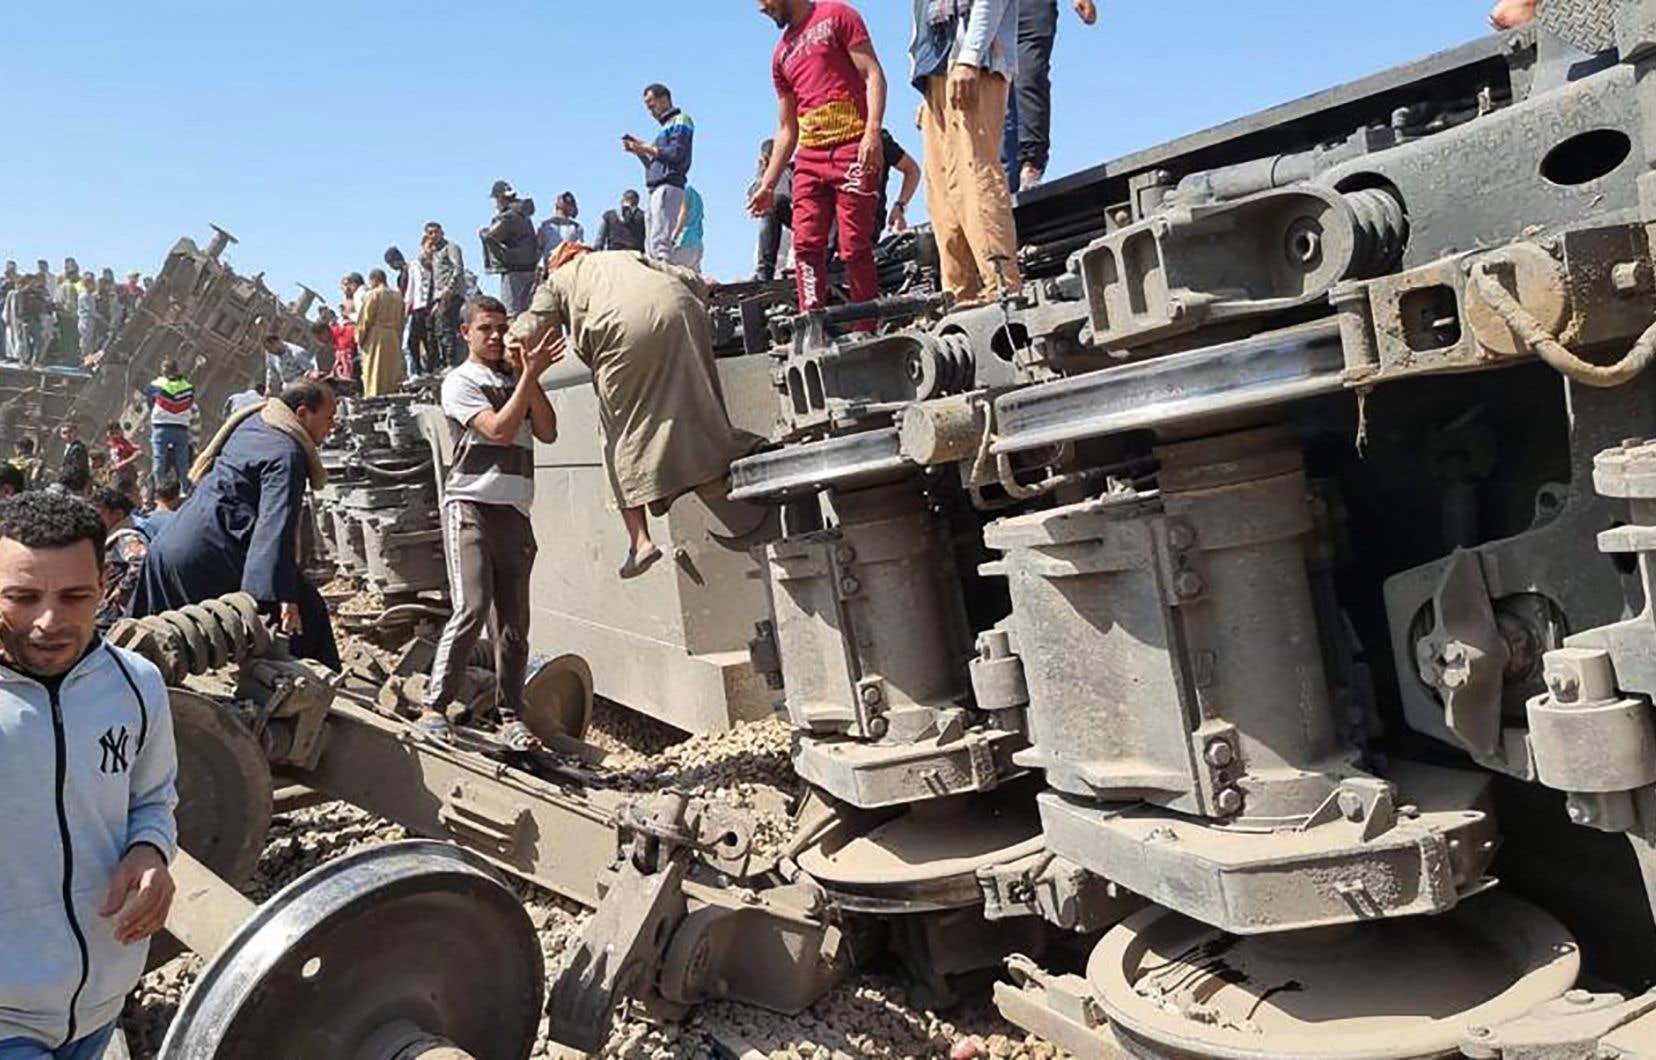 La collision, qui s'est traduite par le renversement d'au moins deux wagons, s'est déroulée entre les gares de Maragha et Tahta.